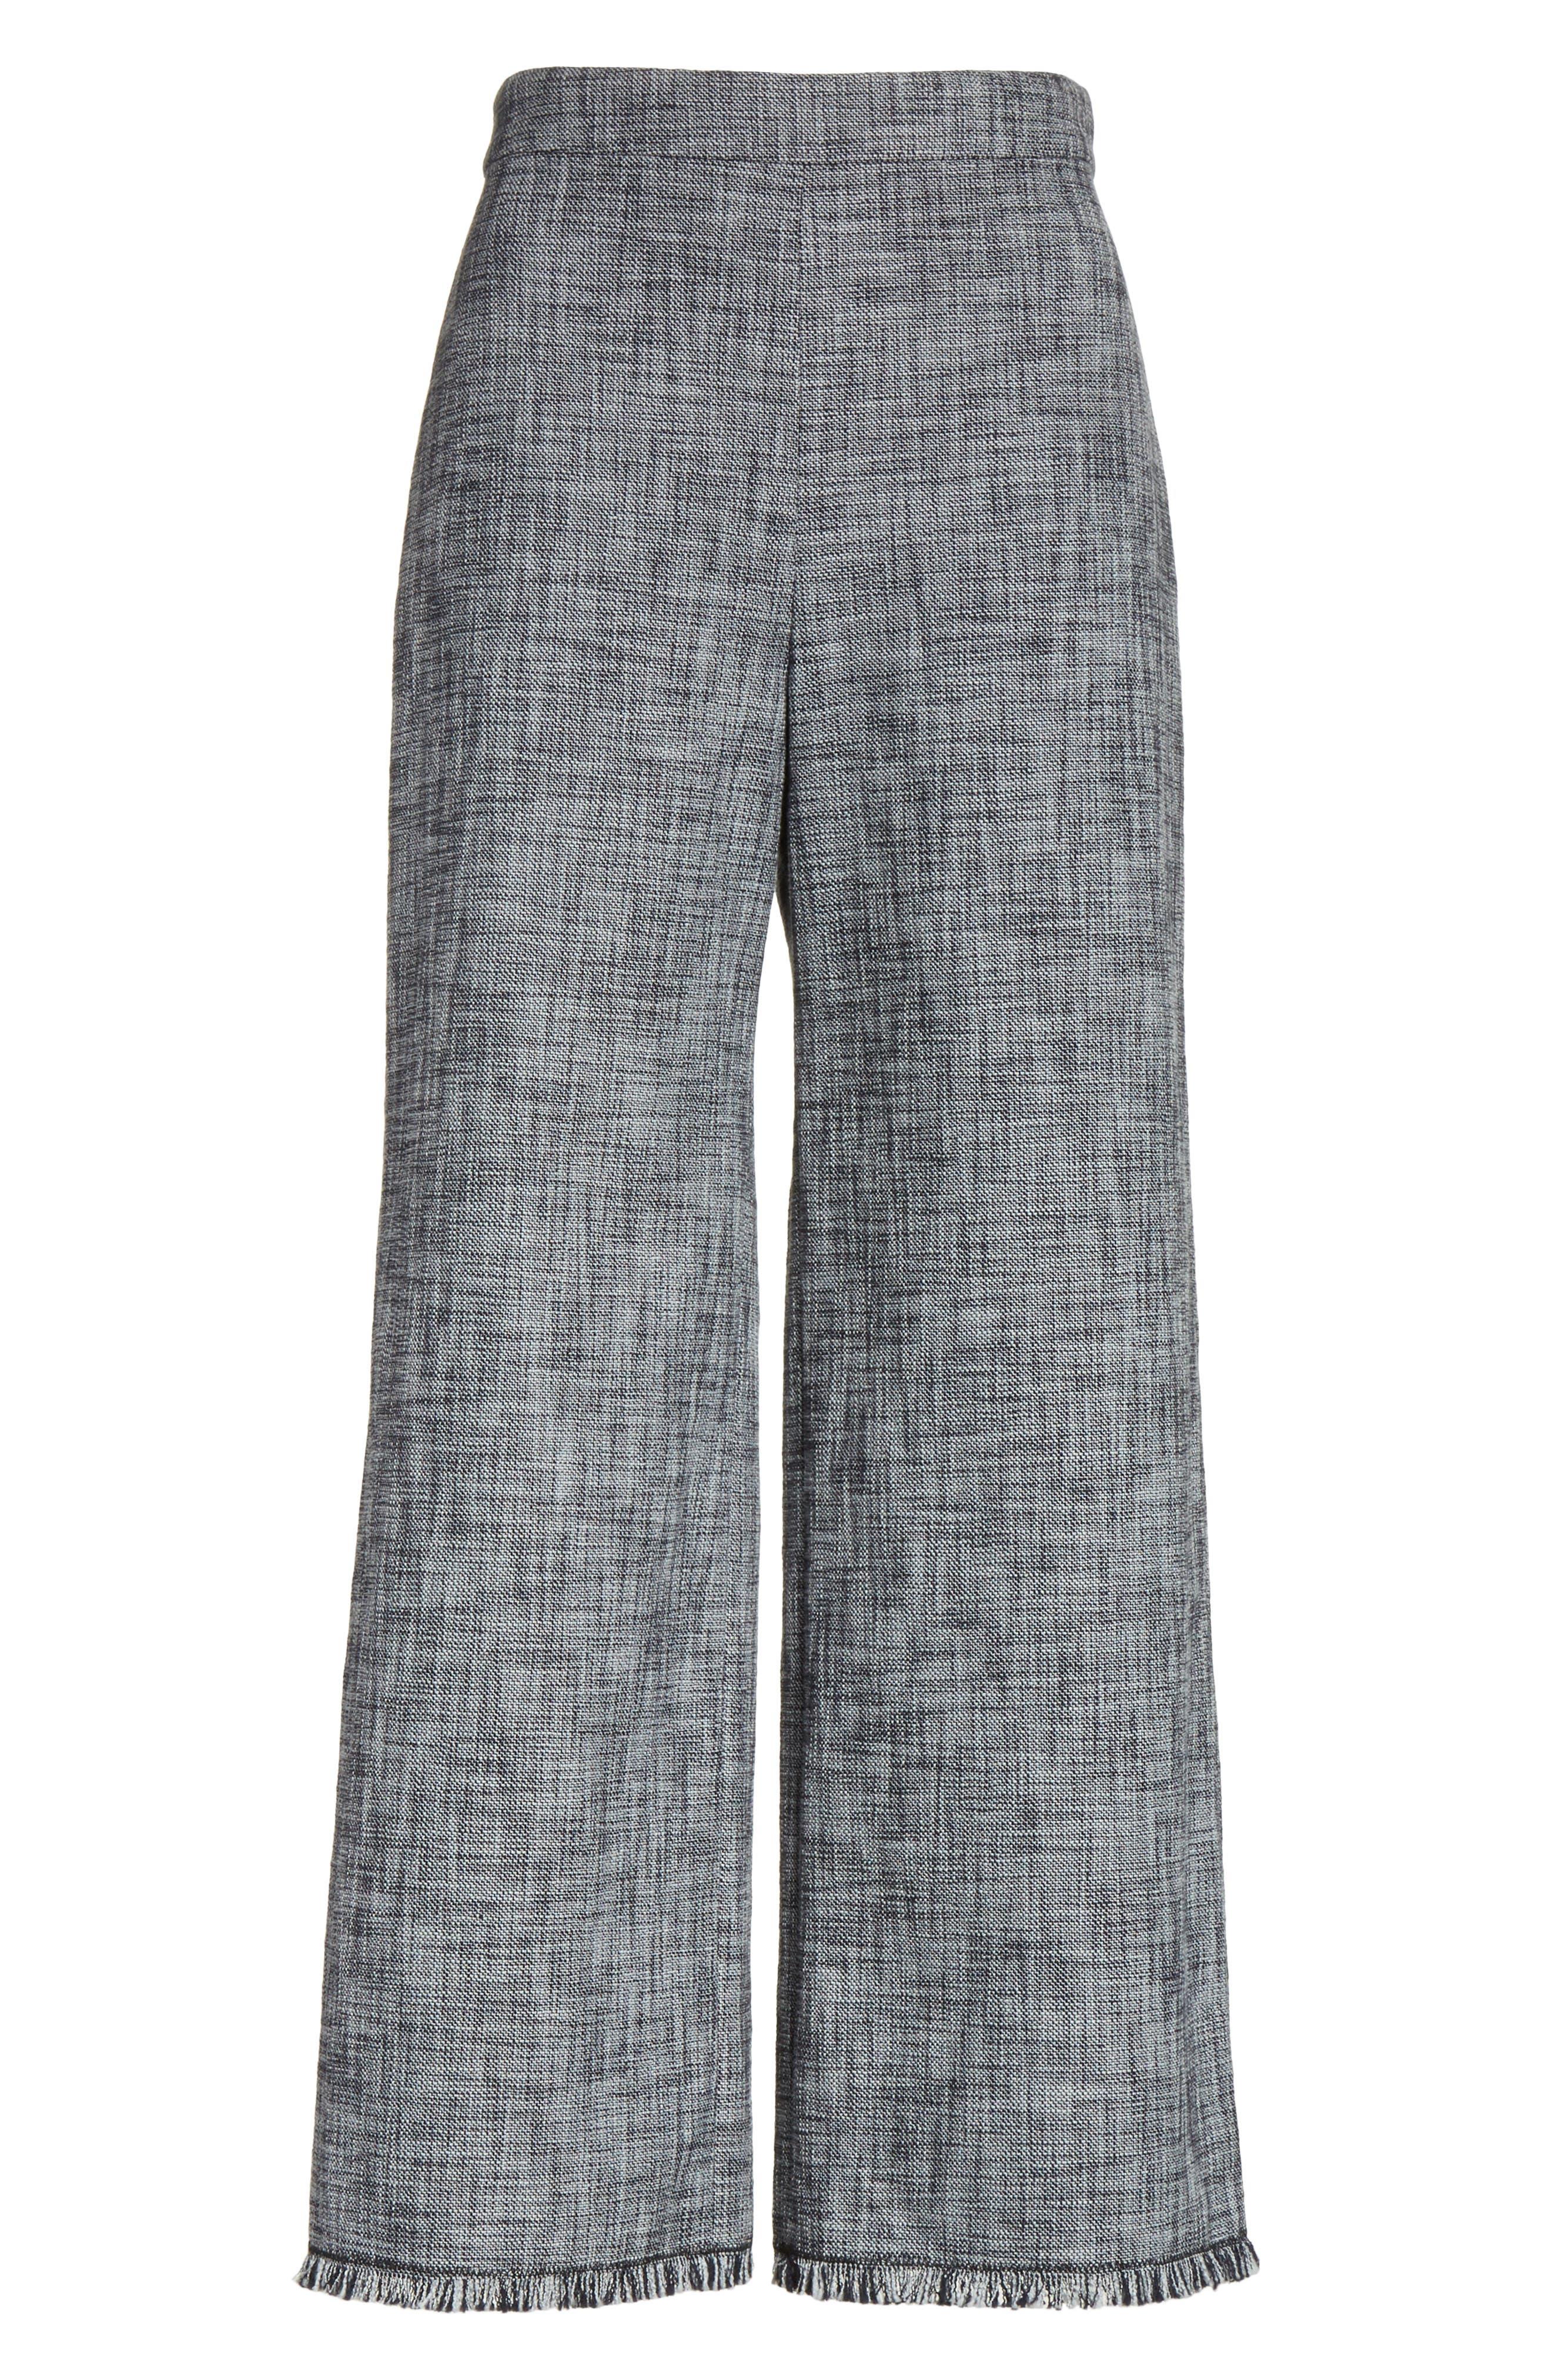 Slub Crop Suit Pants,                             Alternate thumbnail 6, color,                             Grey/ Black Combo